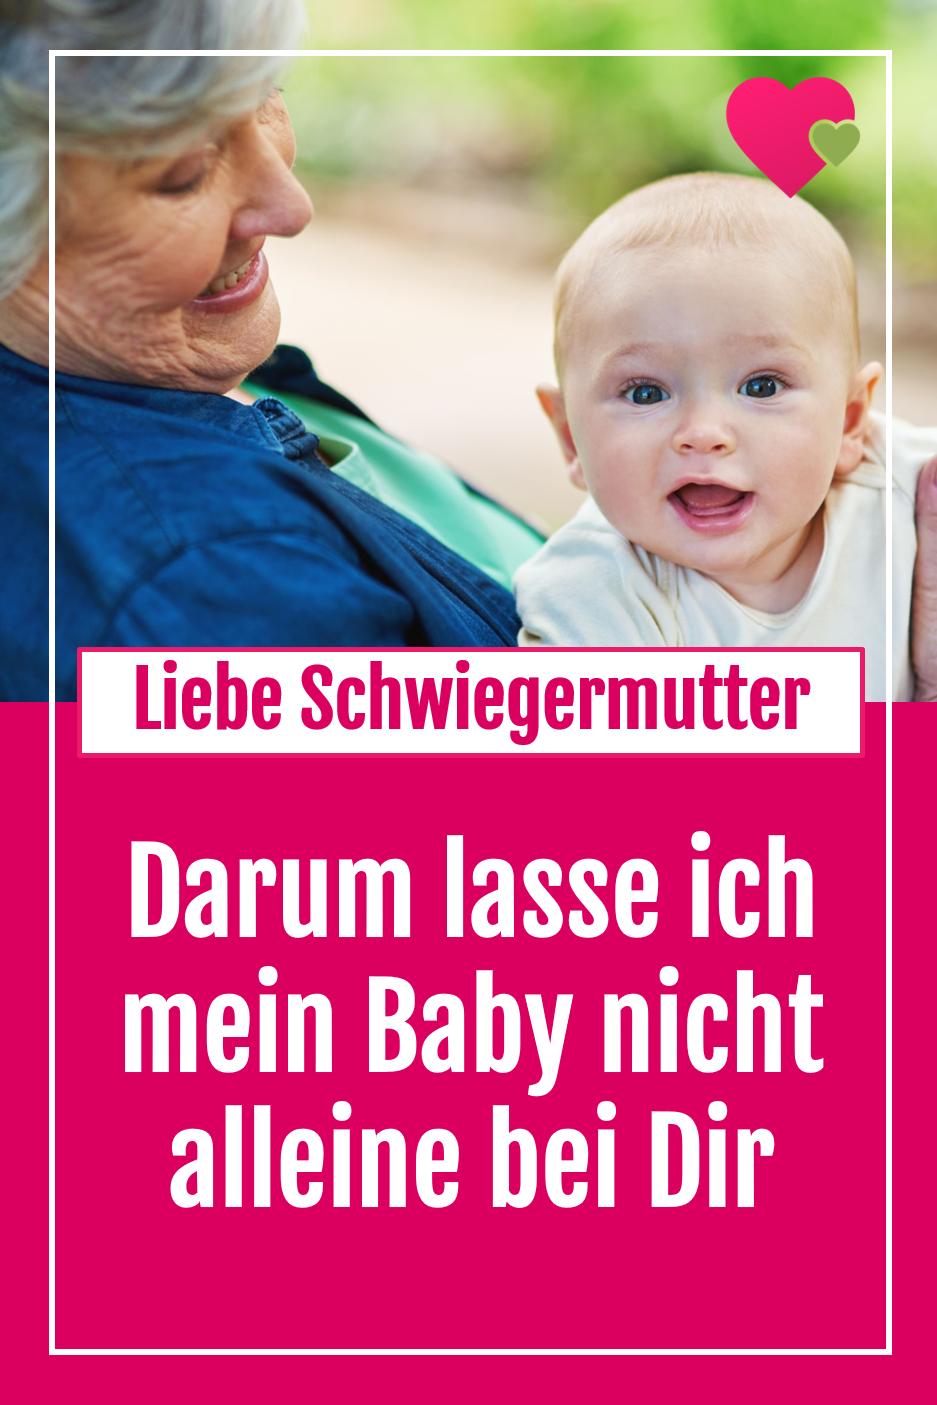 Schwiegermutter Will Enkel Alleine Haben